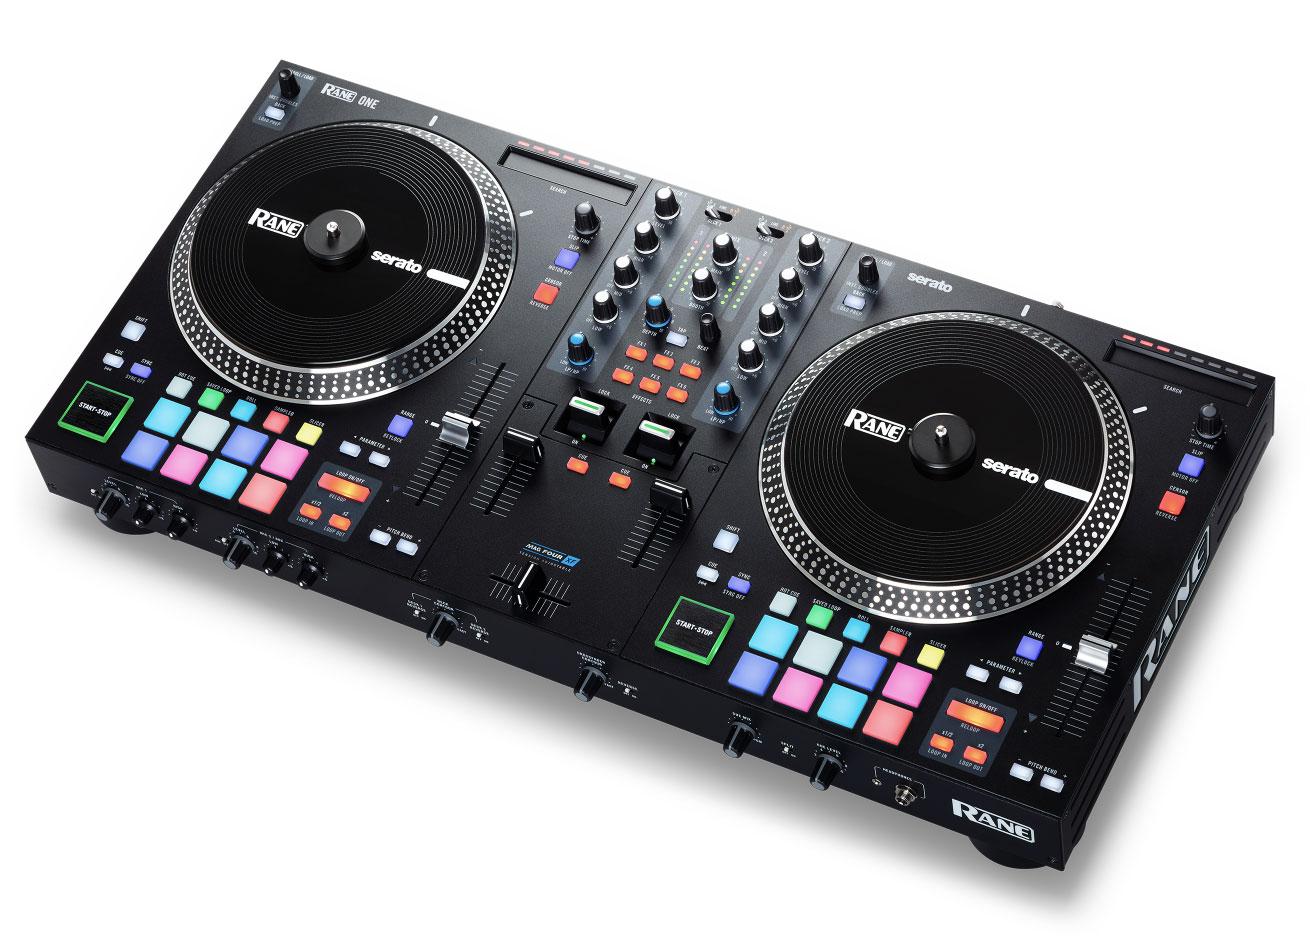 RANE ONE CONTROLLER MOTORIZZATO PER SERATO DJ CON MIXER STAND ALONE 4